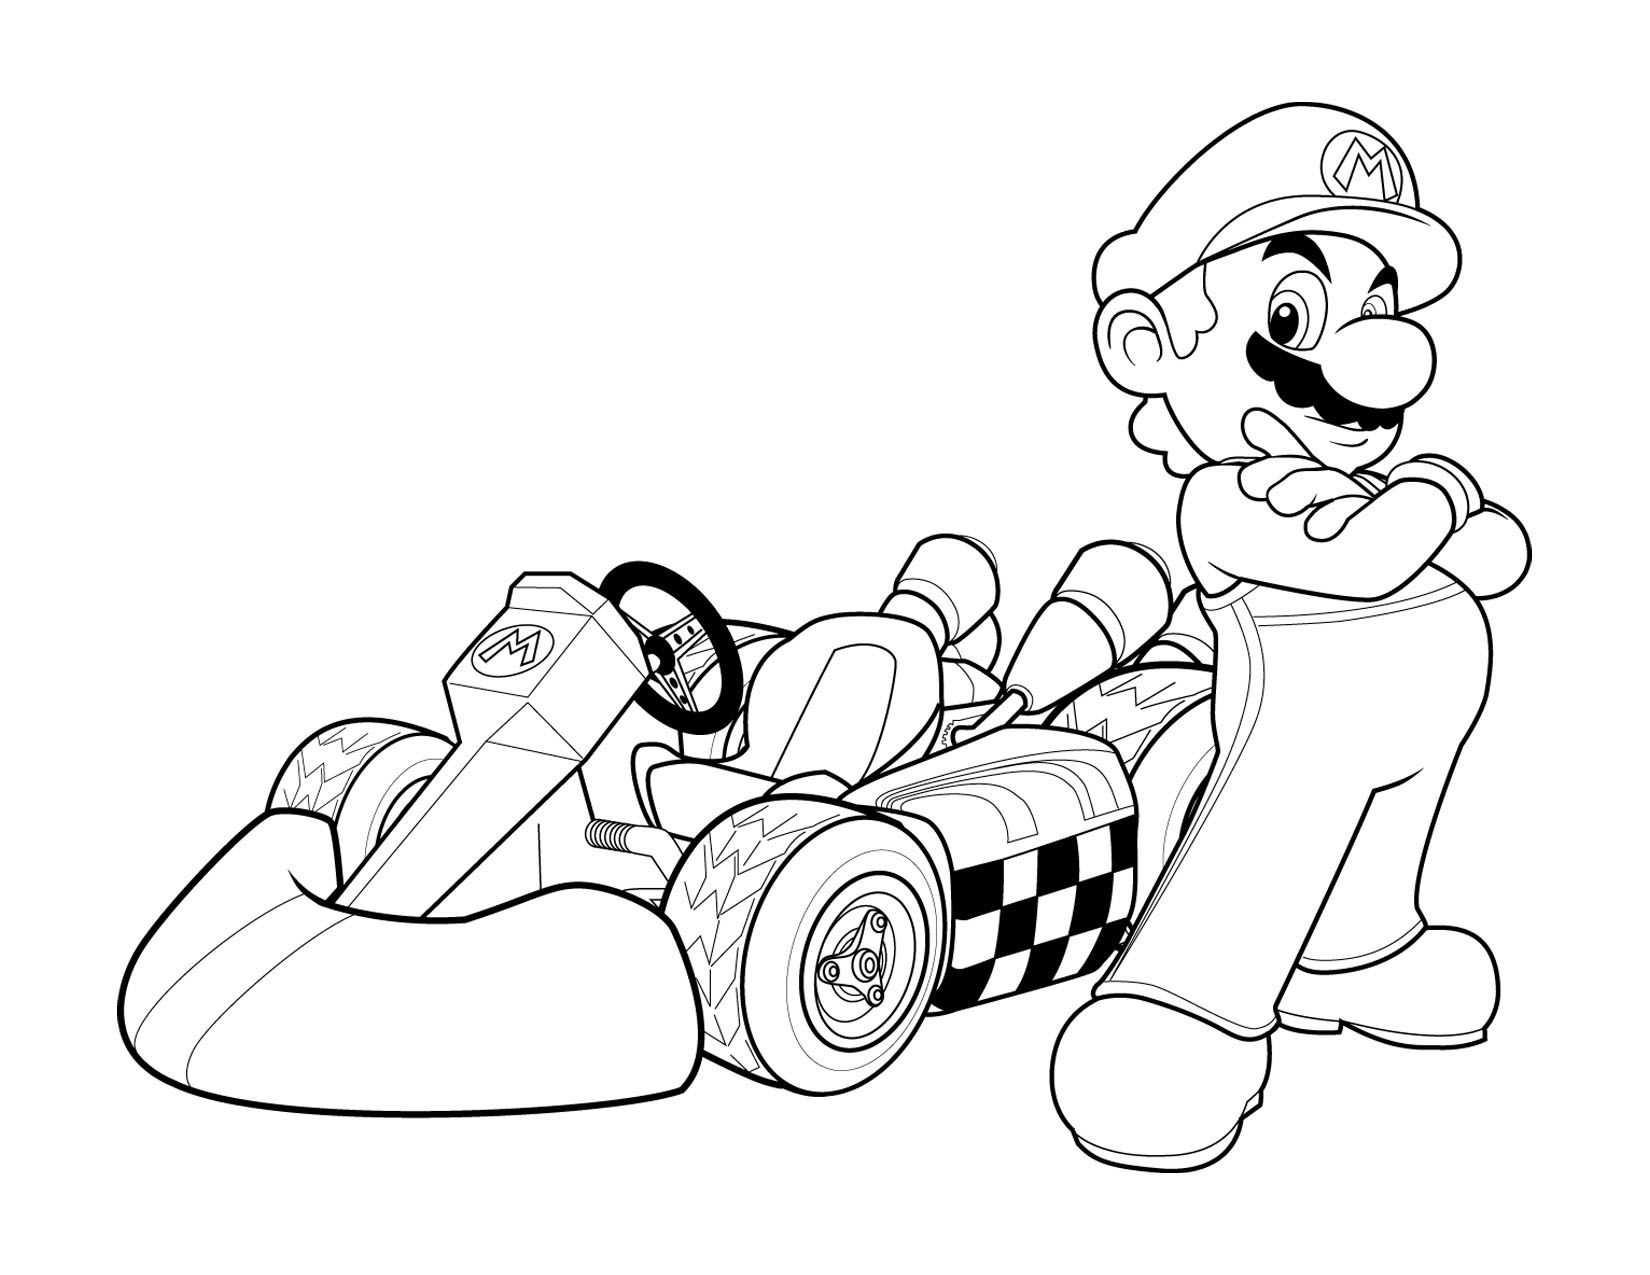 Super Mario Coloring Pages Online Coloriage Mario